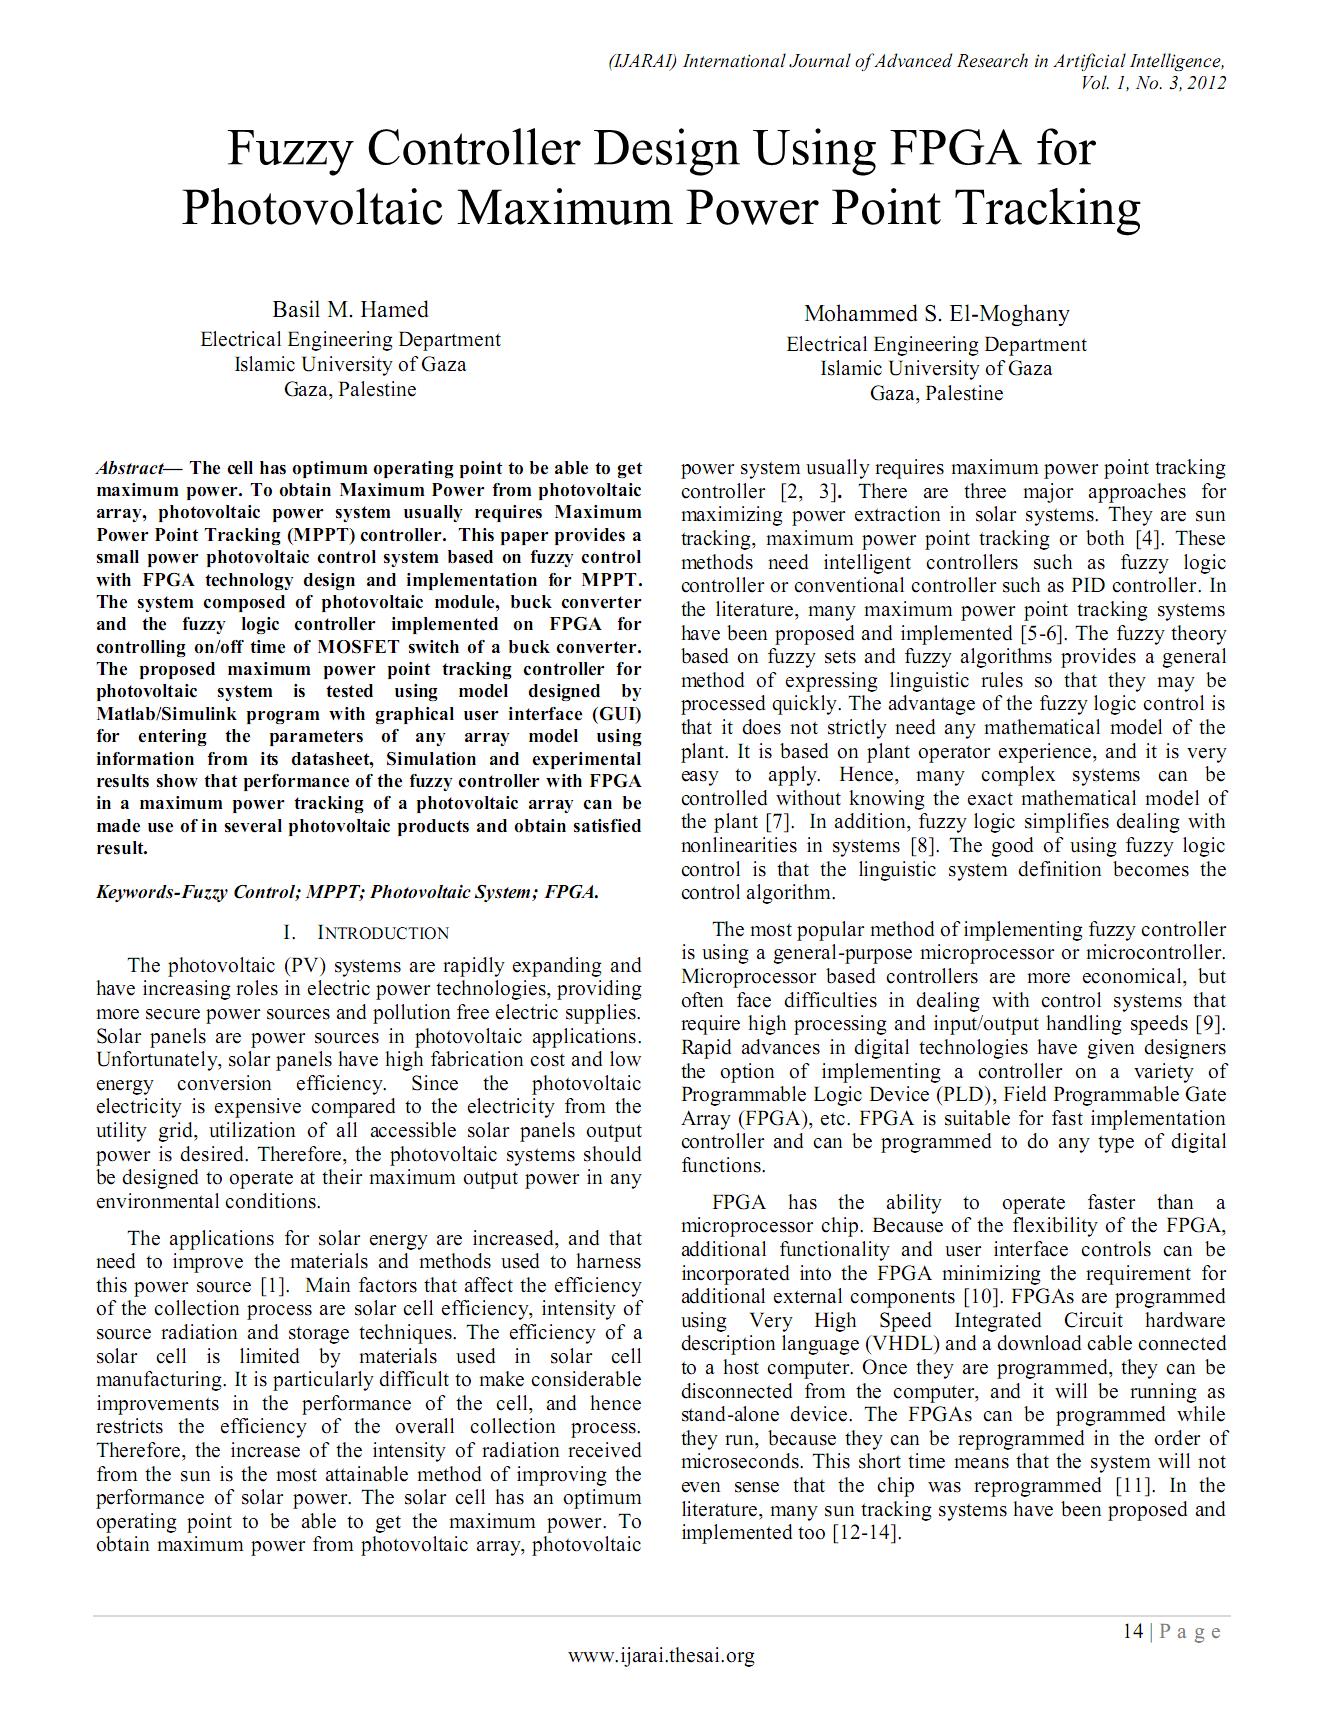 طراحی کنترل کننده ی فازی با استفاده از FPGA برای ردگیری نقطه ماکزیمم توان سلول های خورشیدی